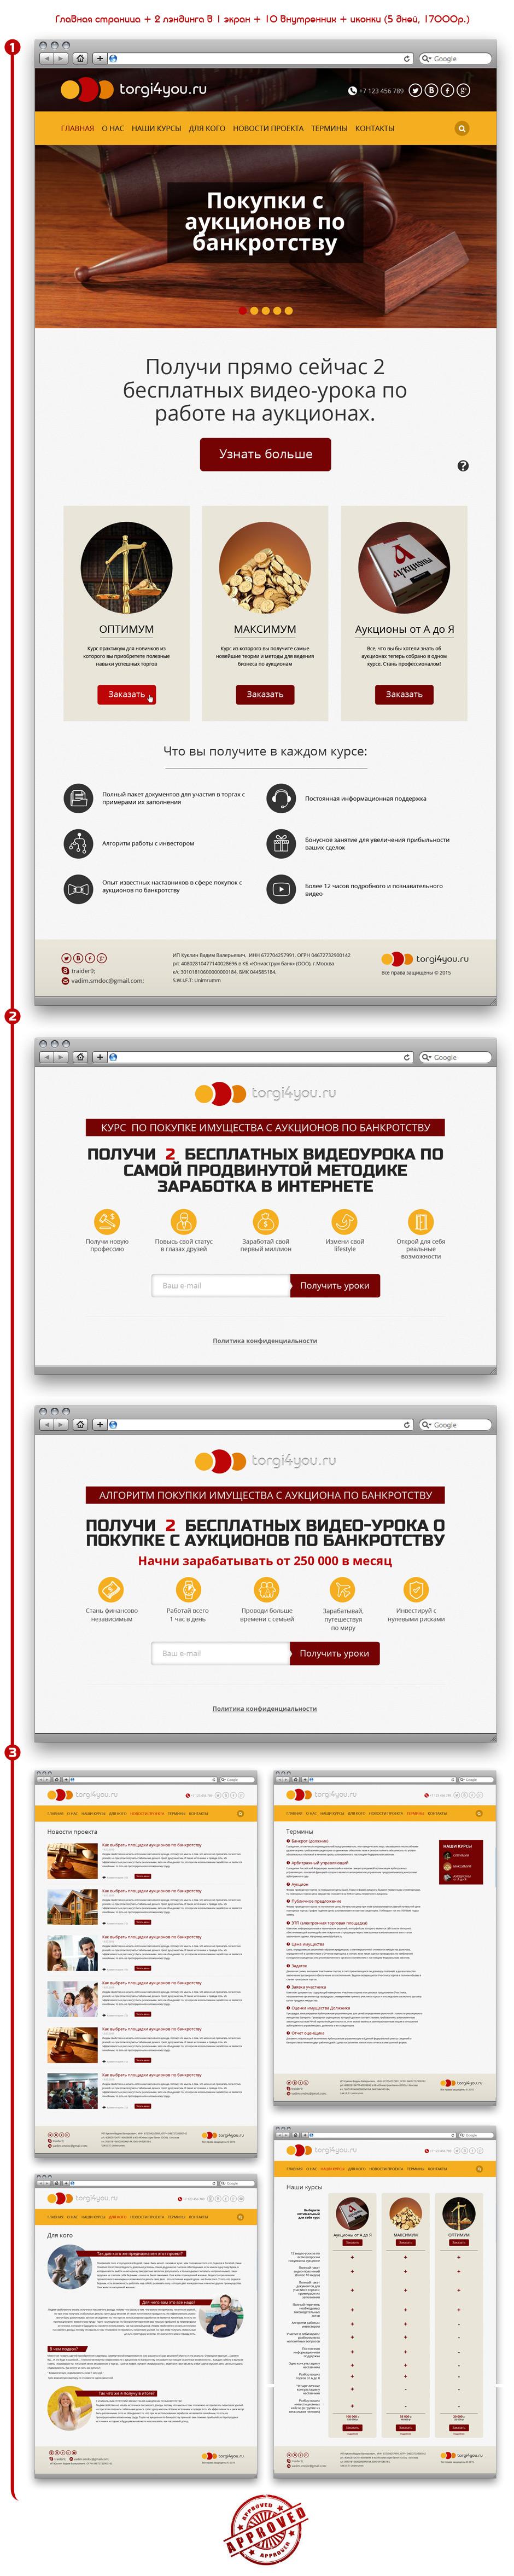 Сайт торговли по аукционам Torgi4you.ru